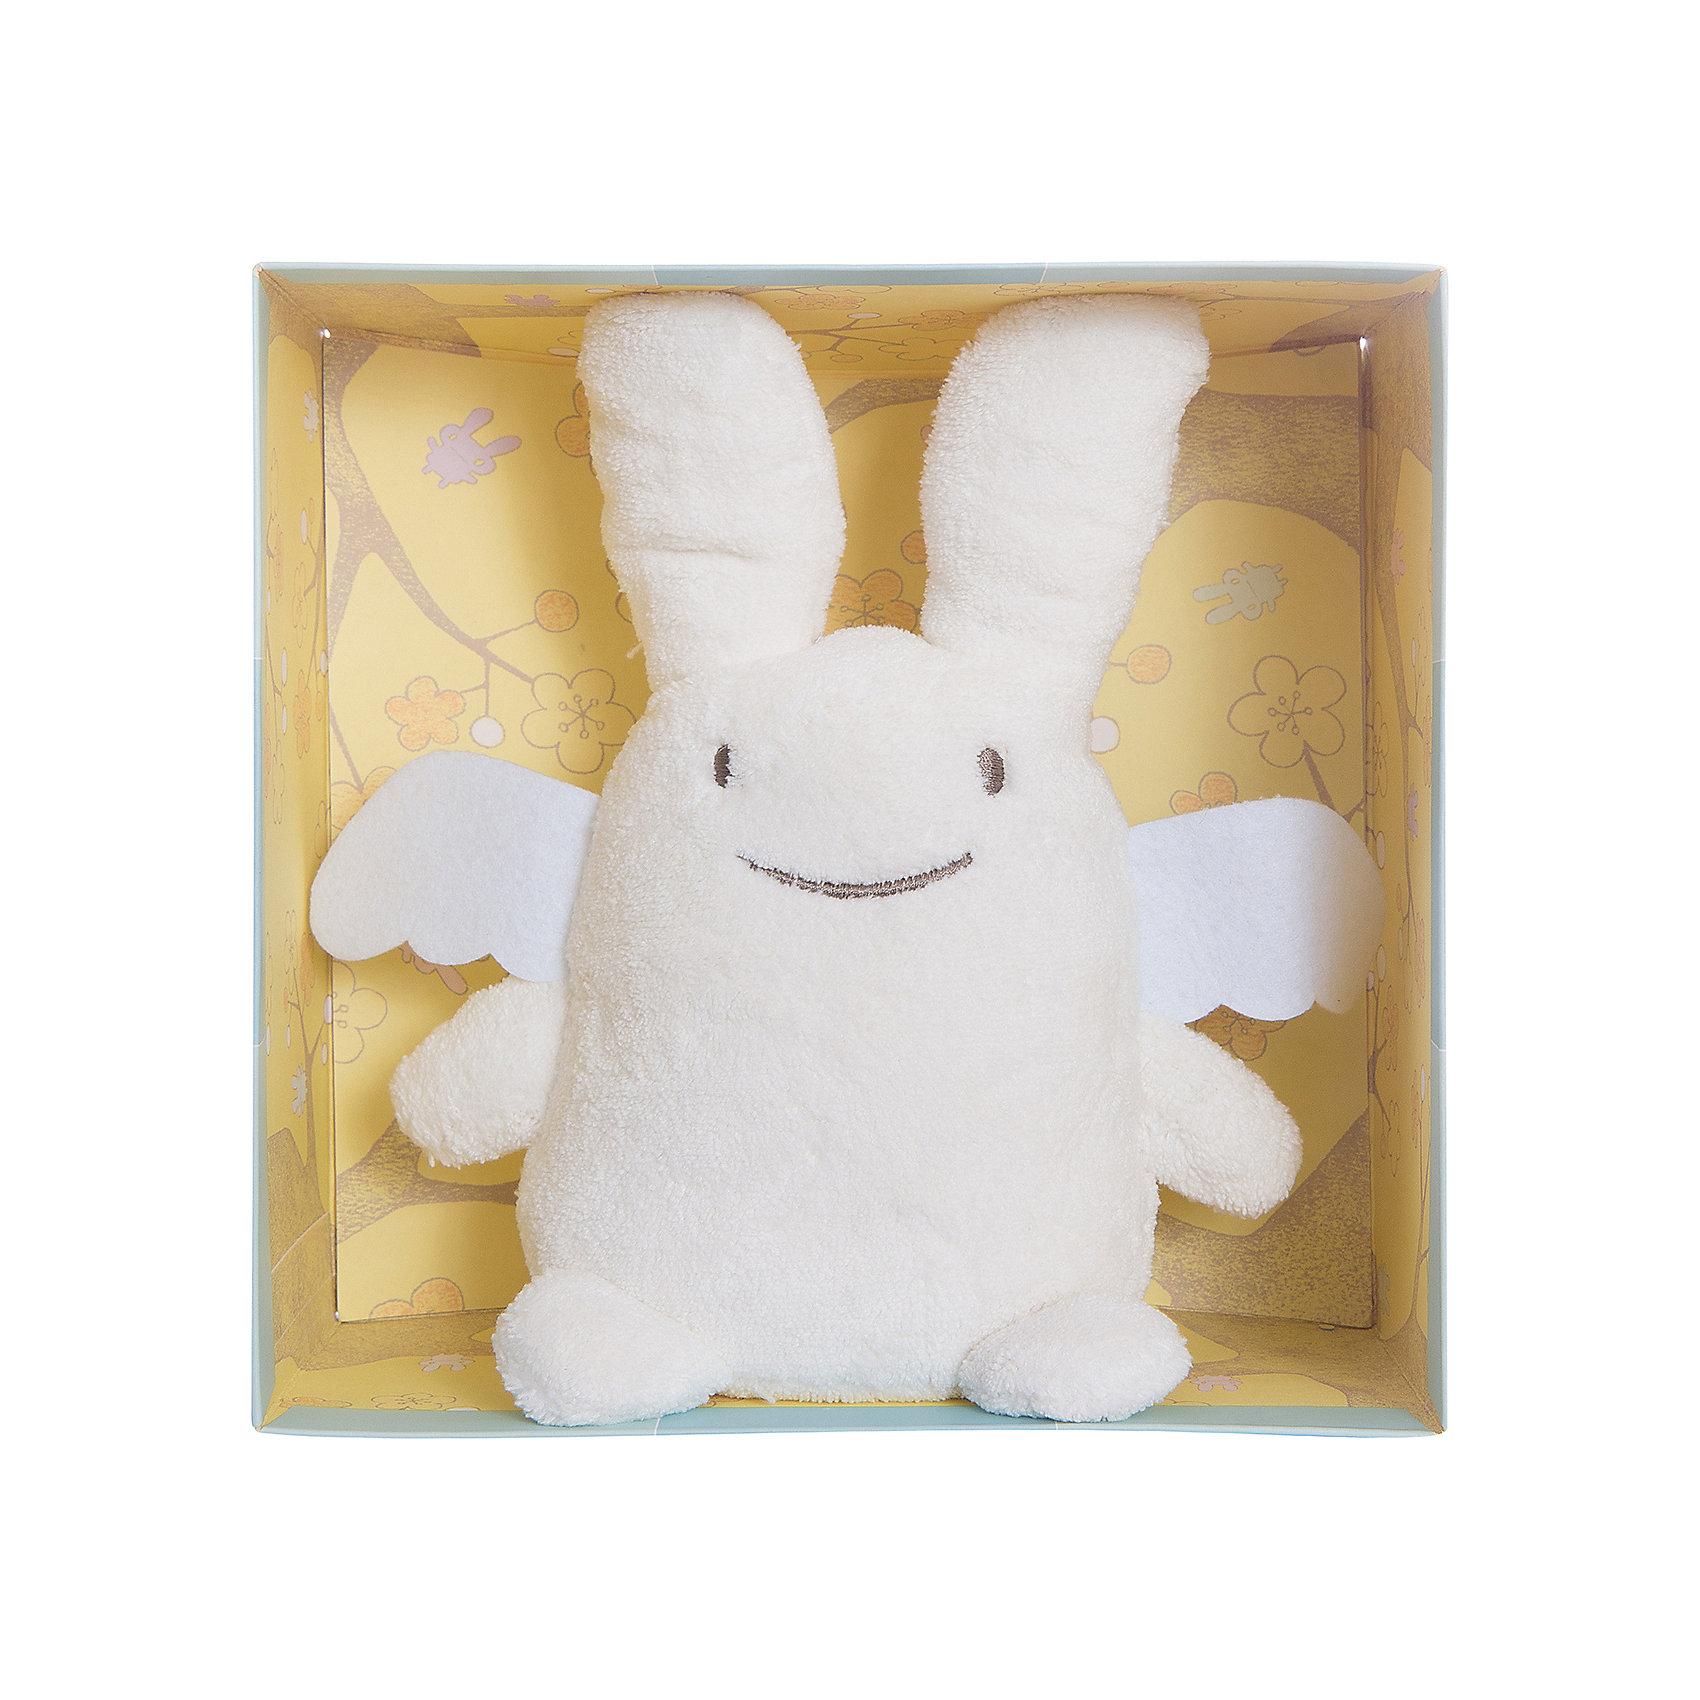 Мягкая игрушка Зайка с крылышками, музыкальный, 24см&#13;, TrousselierЗайцы и кролики<br>Мягкая игрушка Зайка с крылышками, музыкальный, 24см, Trousselier<br><br>Характеристики:<br><br>• Размер: 24 см<br>• Материал: текстиль, полиэстер, хлопок<br>• Возраст: от 0 месяцев<br><br>Нежный бежевый зайка с милыми крылышками станет другом для вашего малыша. Натуральный материал не вызывает аллергию и полностью безопасен для нежной кожи. Малыш сможет спать с зайкой, с первых дней своей жизни. А если малышу трудно будет уснуть, зайка споет ему нежную песенку.<br><br>Мягкая игрушка Зайка с крылышками, музыкальный, 24см, Trousselier можно купить в нашем интернет-магазине.<br><br>Ширина мм: 190<br>Глубина мм: 190<br>Высота мм: 90<br>Вес г: 290<br>Возраст от месяцев: -2147483648<br>Возраст до месяцев: 2147483647<br>Пол: Унисекс<br>Возраст: Детский<br>SKU: 4964809